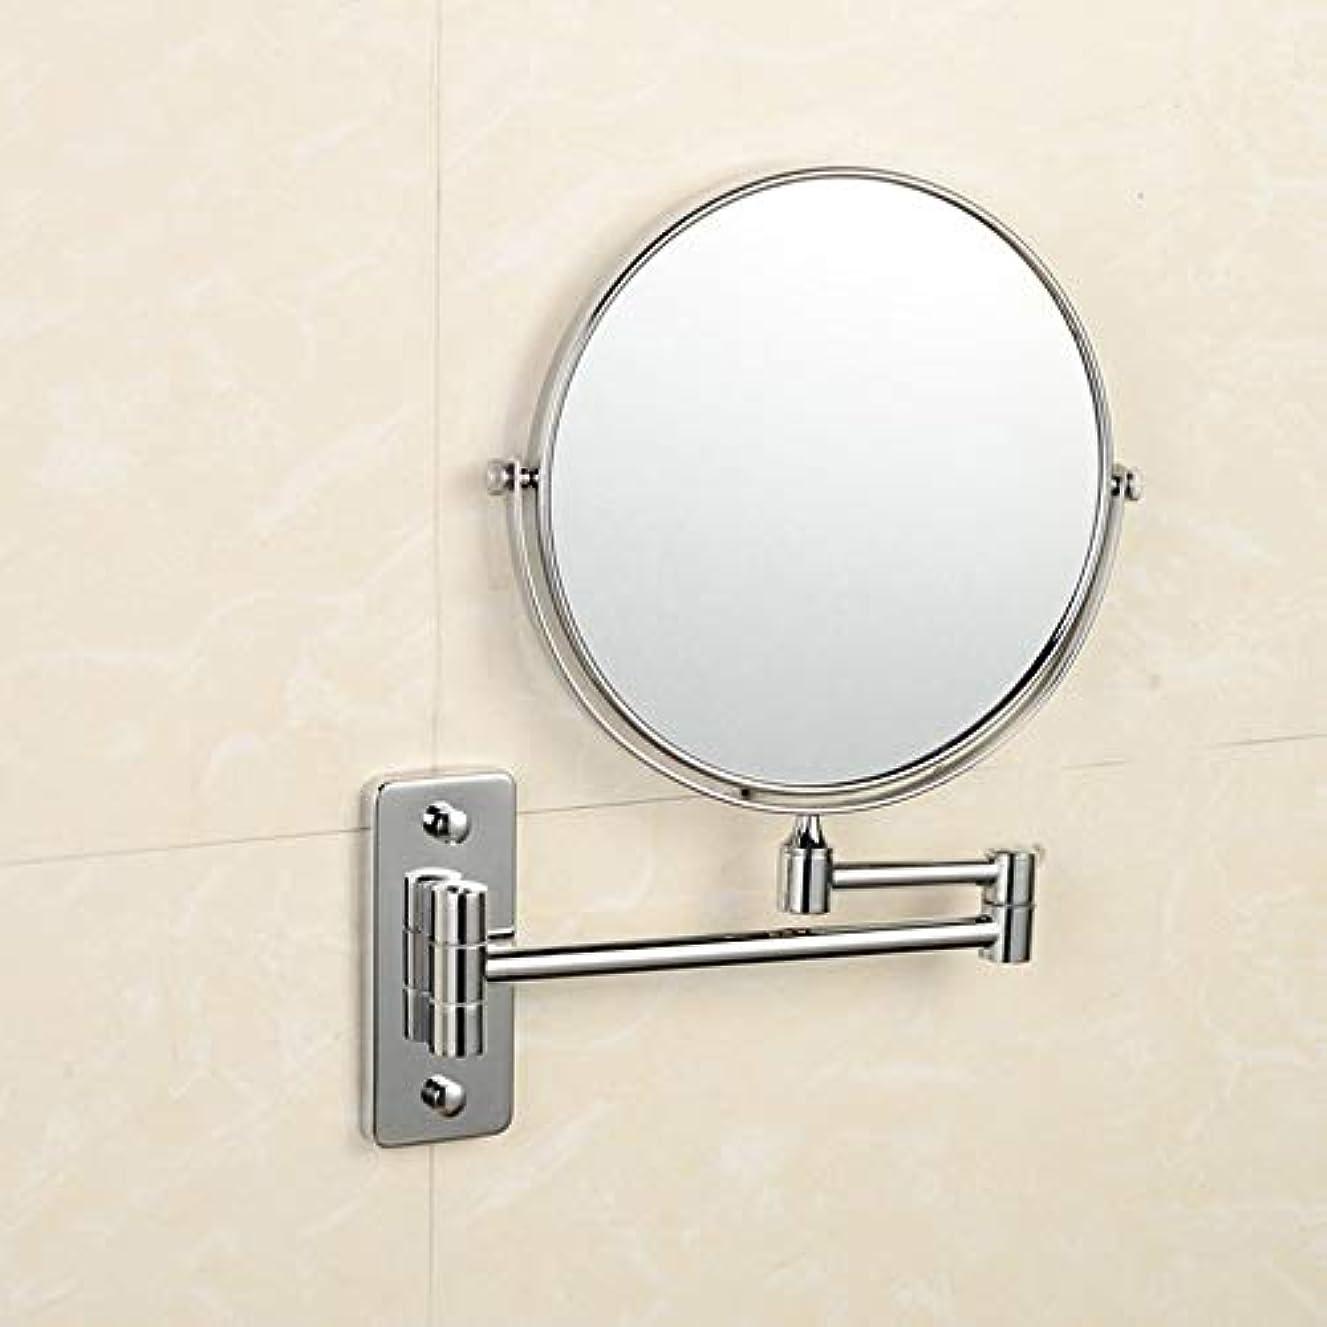 ウィスキーレイアウトセイはさておき流行の 銅浴室鏡折りたたみ伸縮性格人格美人表裏面360度回転壁掛け虫眼鏡ミラーシルバーホームビューティーミラー浴室